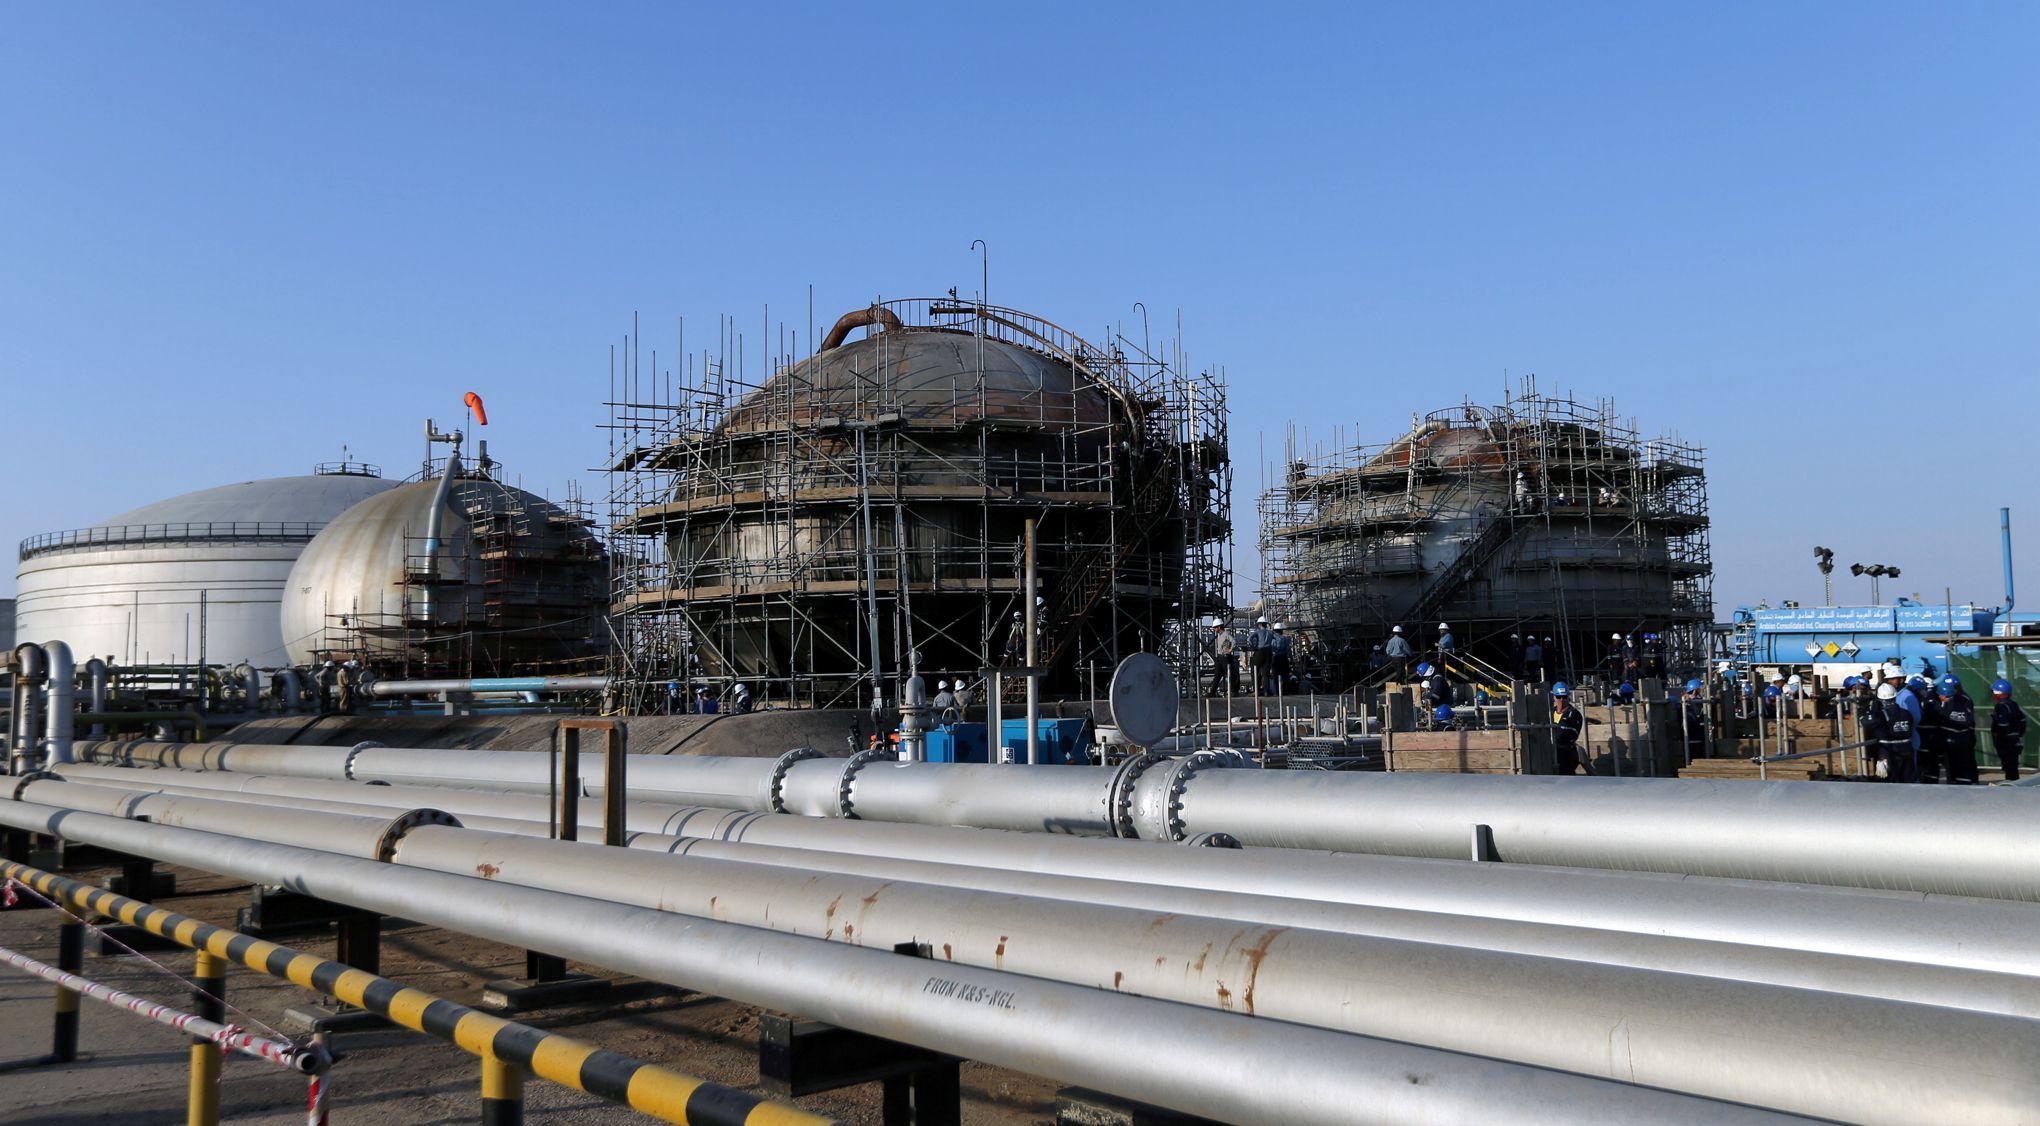 Les compagnies pétrolières gardent de solides atouts